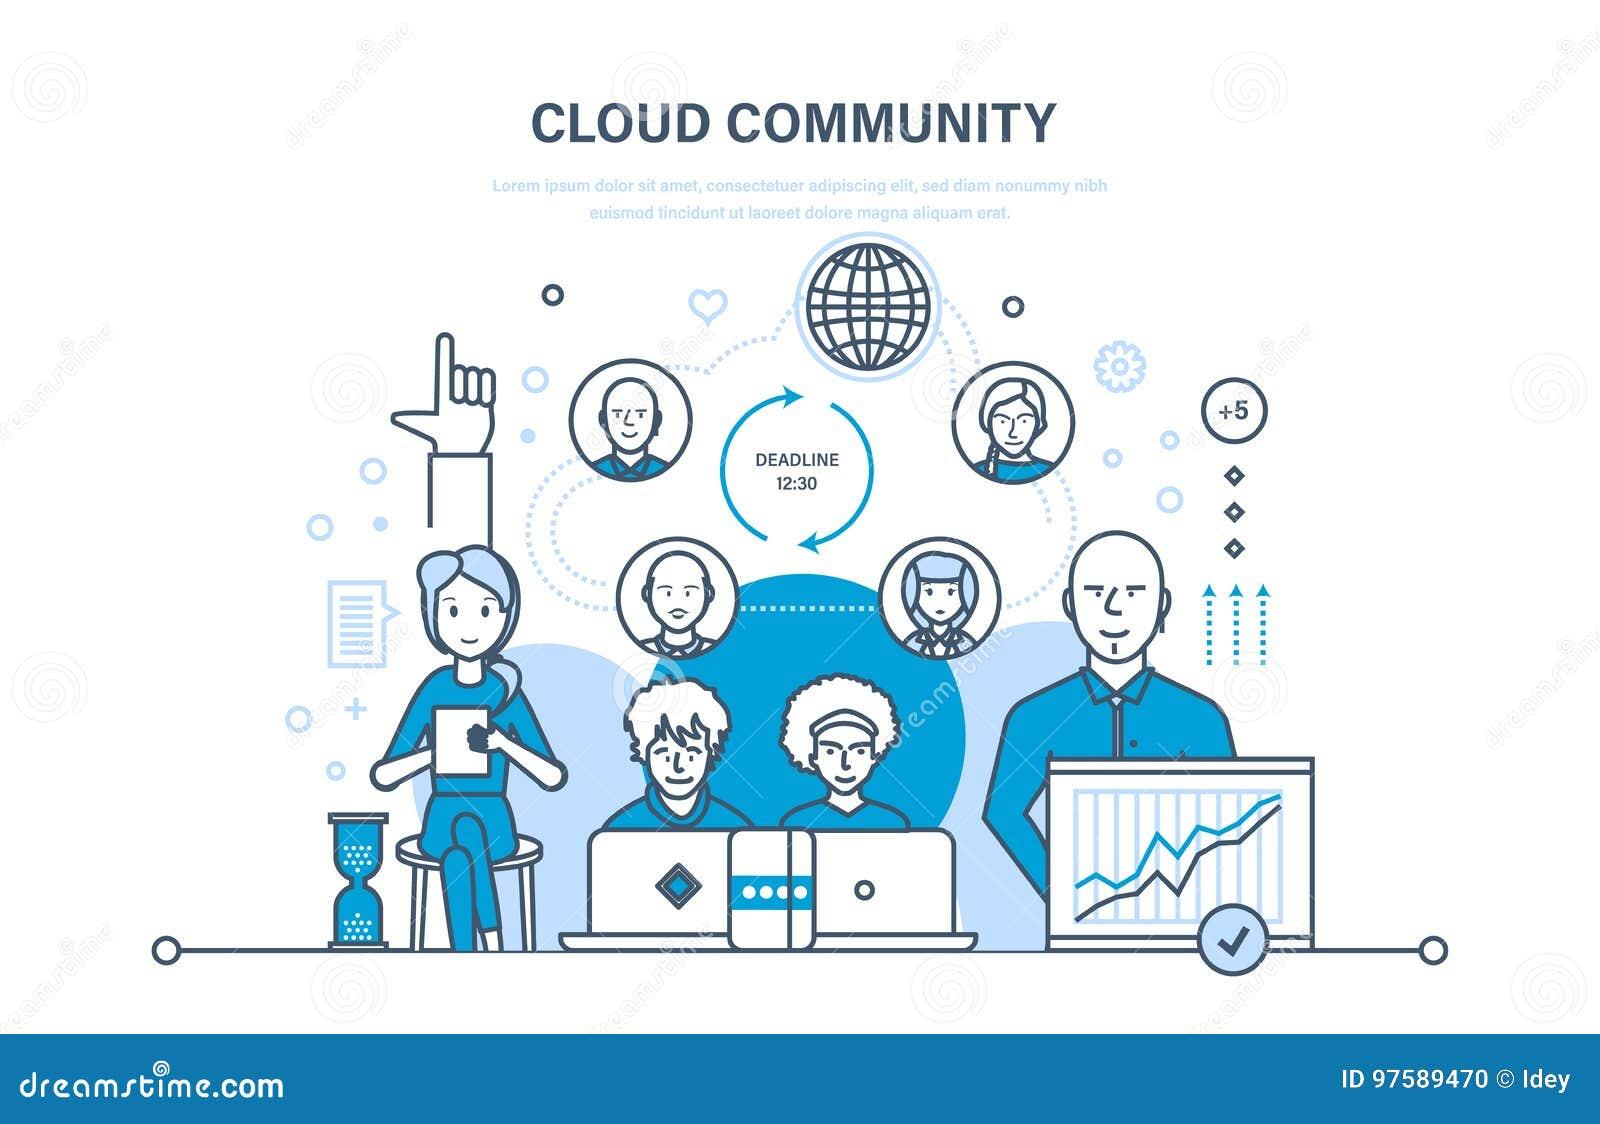 覆盖社区,支持,通信,信息技术,反馈,软件的发展